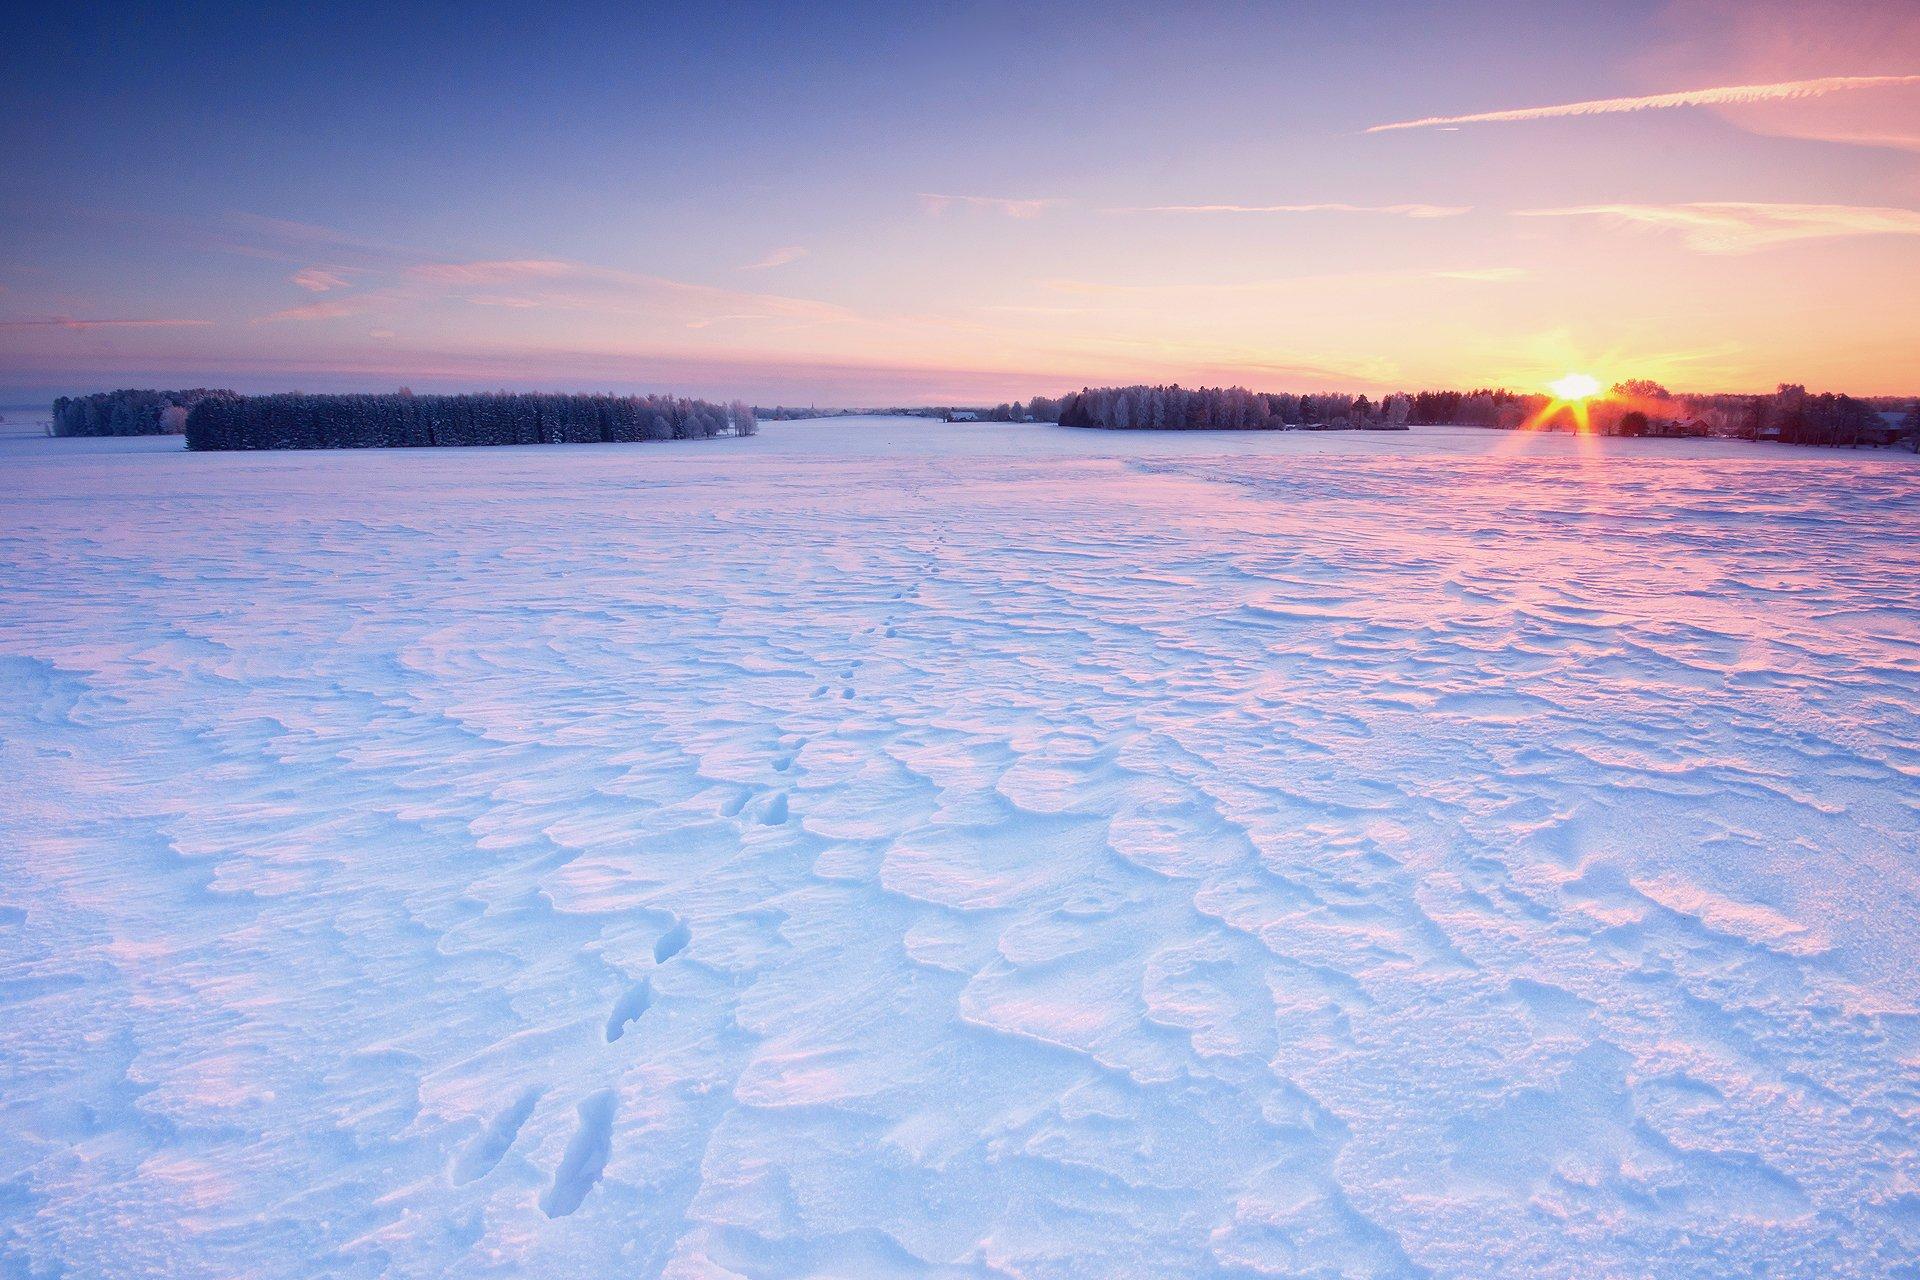 картинки на рабочий стол небо солнце снег деревень чтобы вспомню